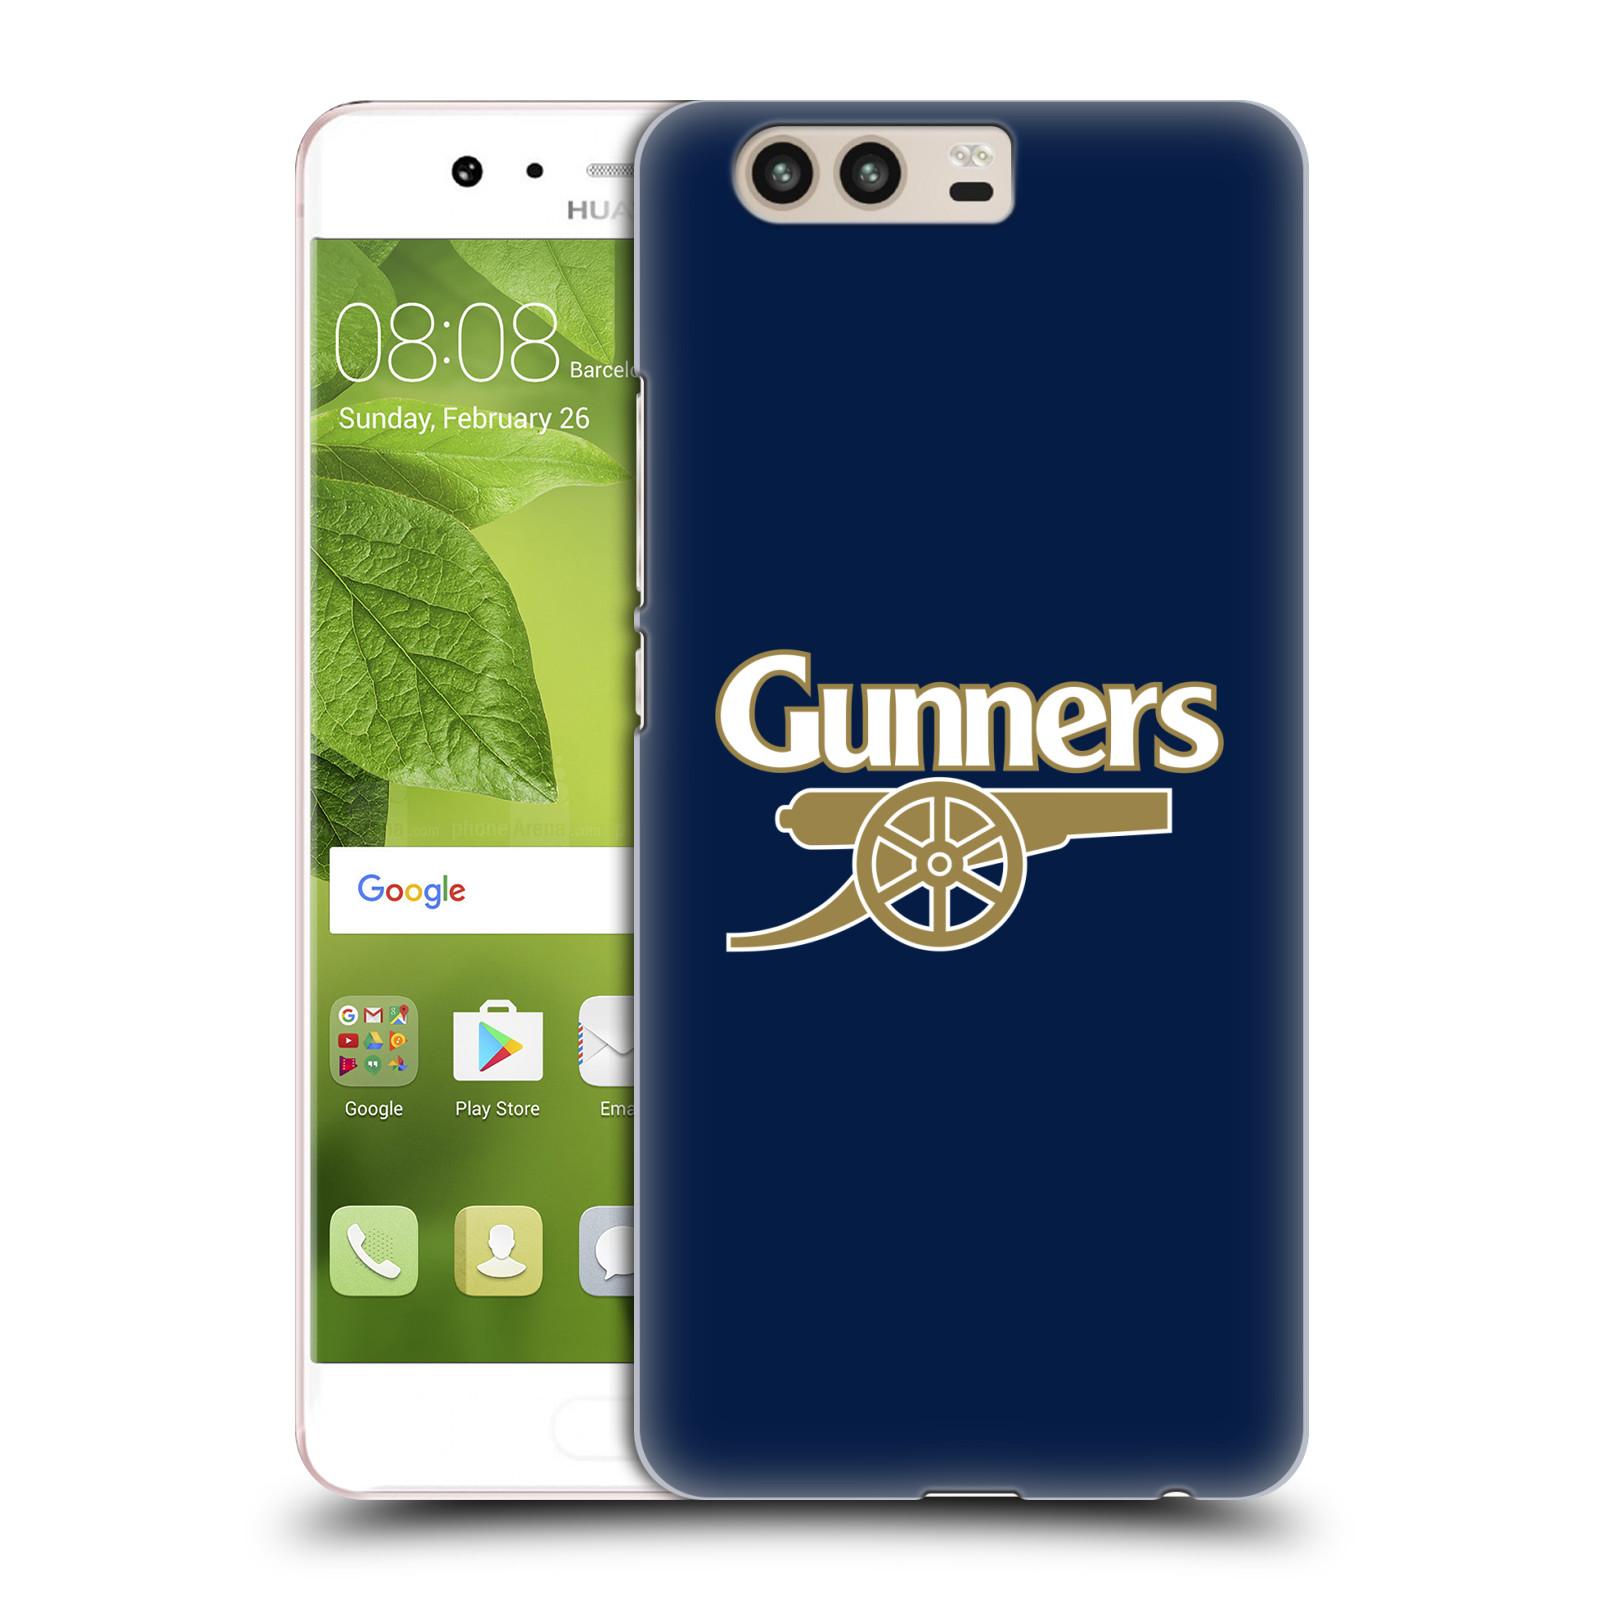 Plastové pouzdro na mobil Huawei P10 - Head Case - Arsenal FC - Gunners